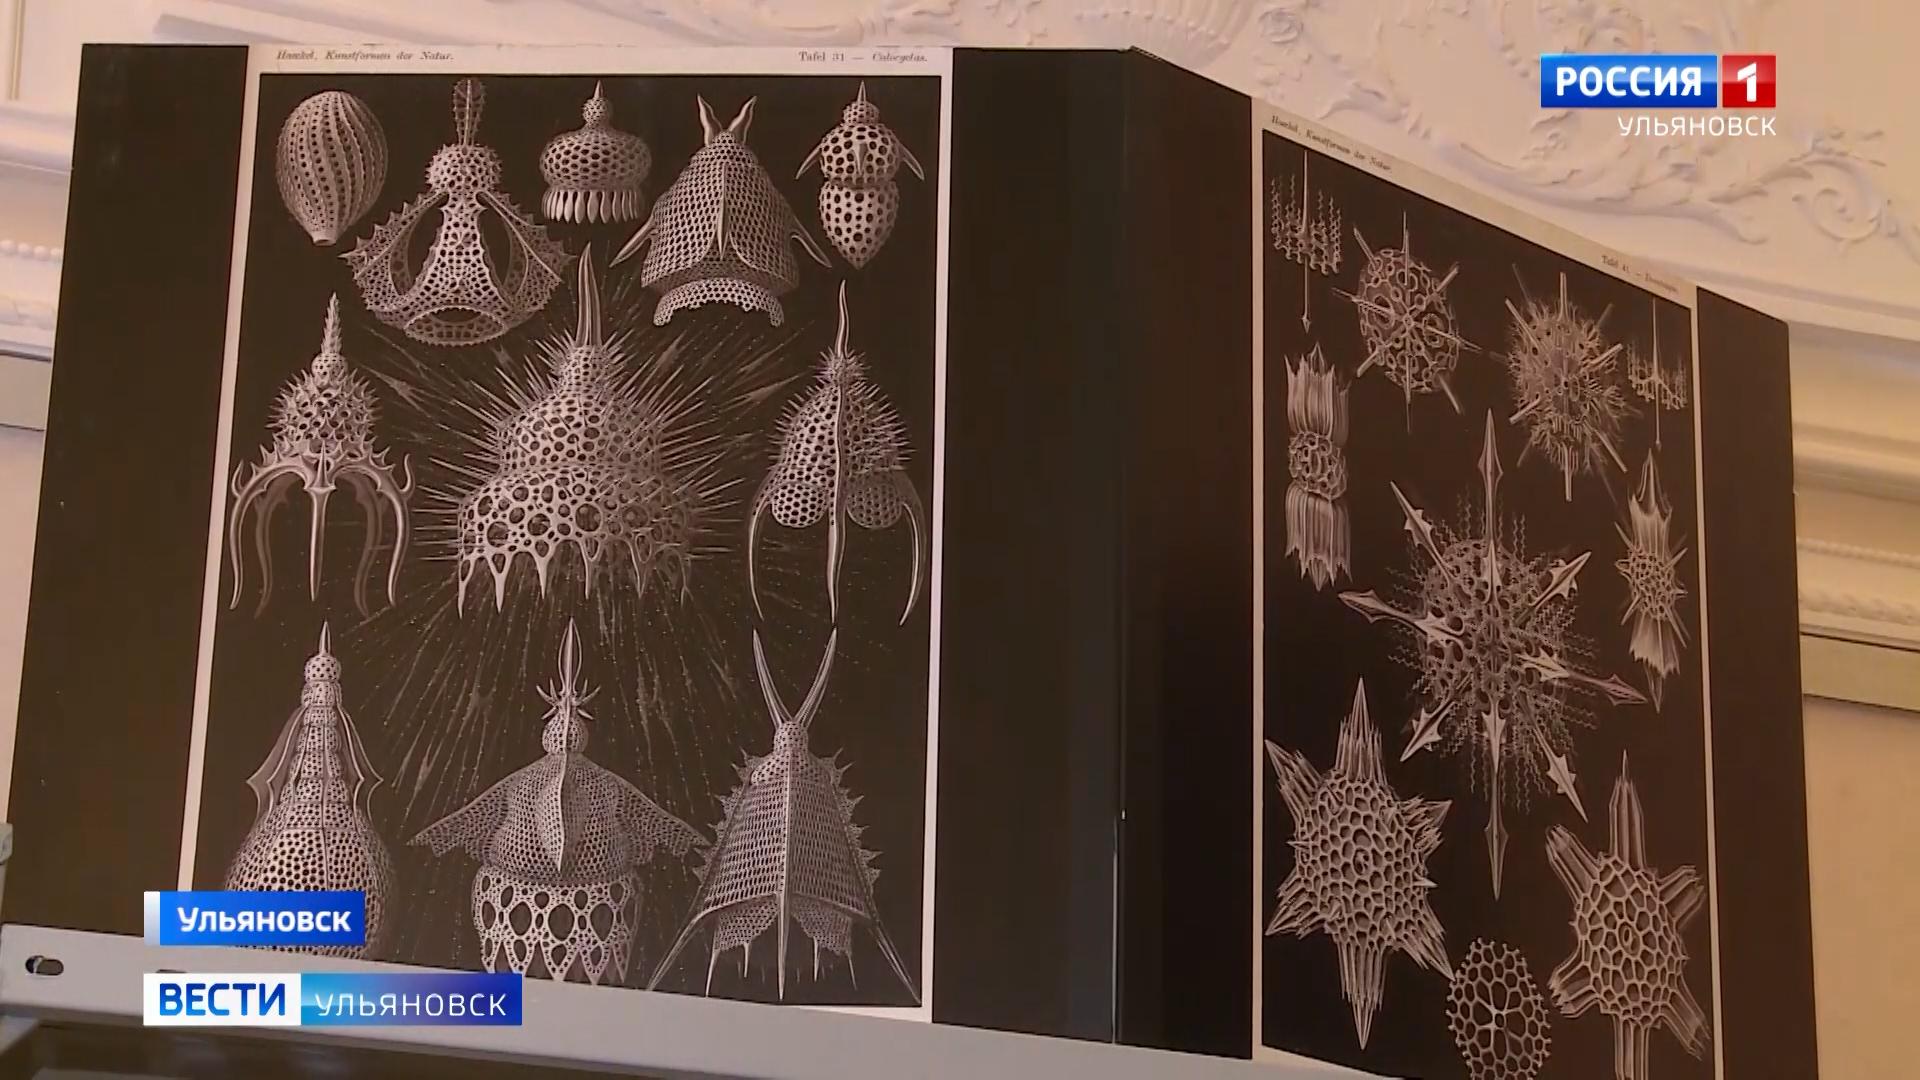 Ульяновцам предлагают познать тайный мир древних организмов